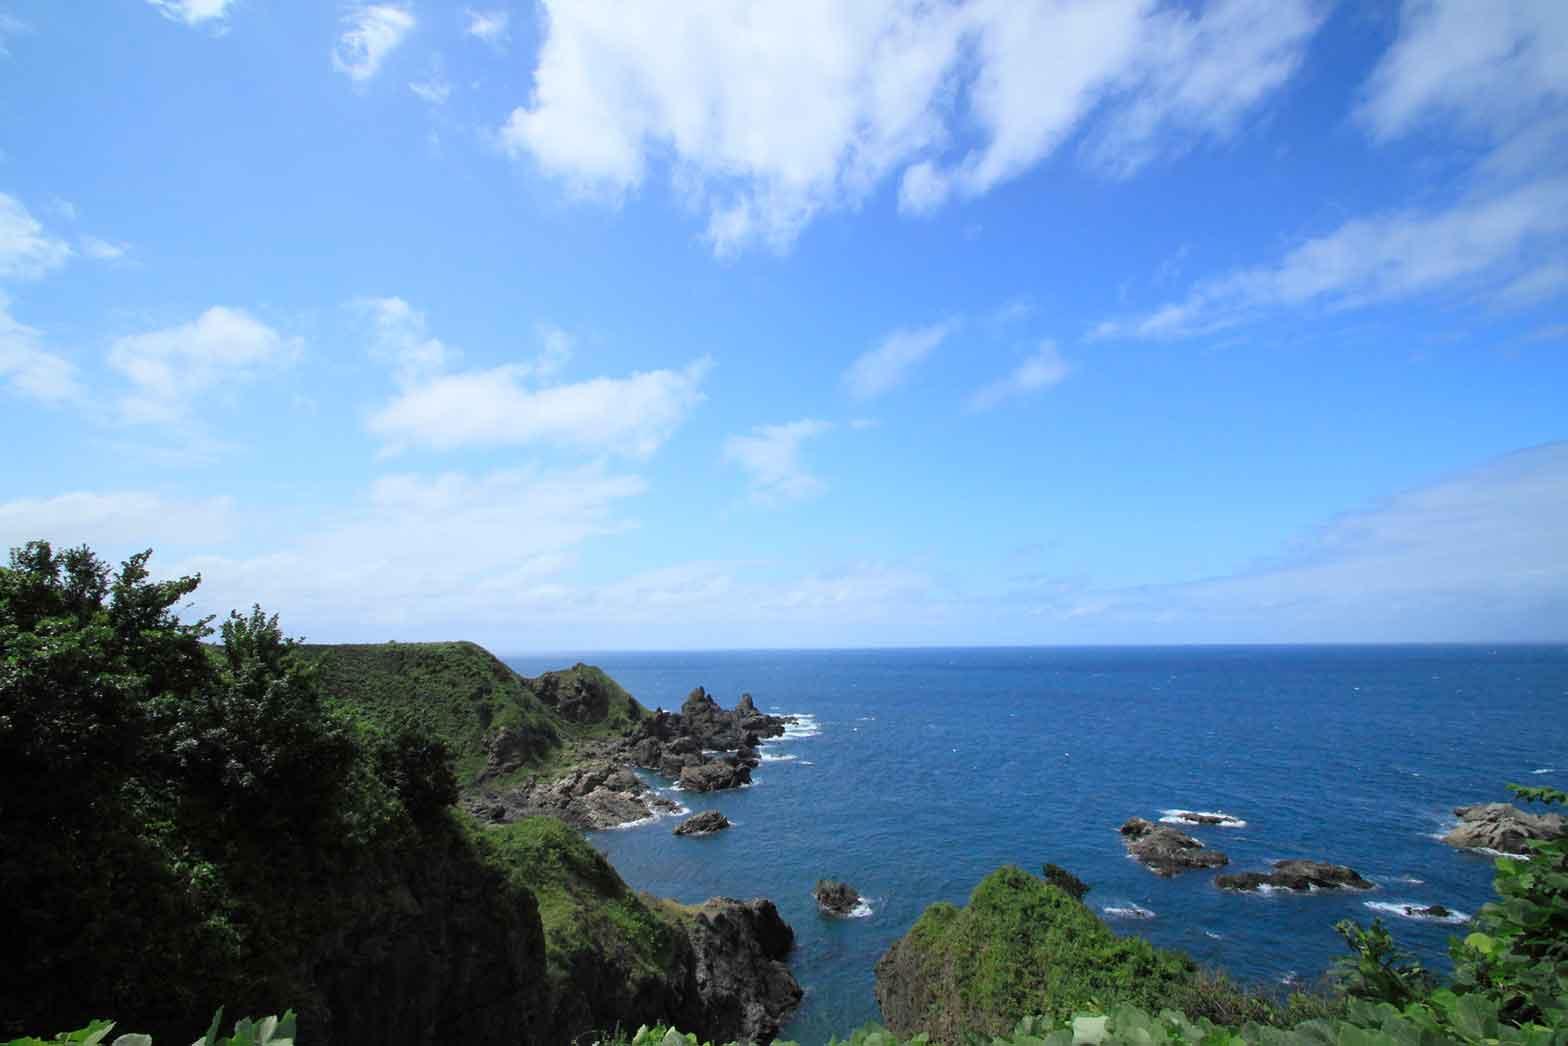 Beach on a sunny day, the Sea of Japan